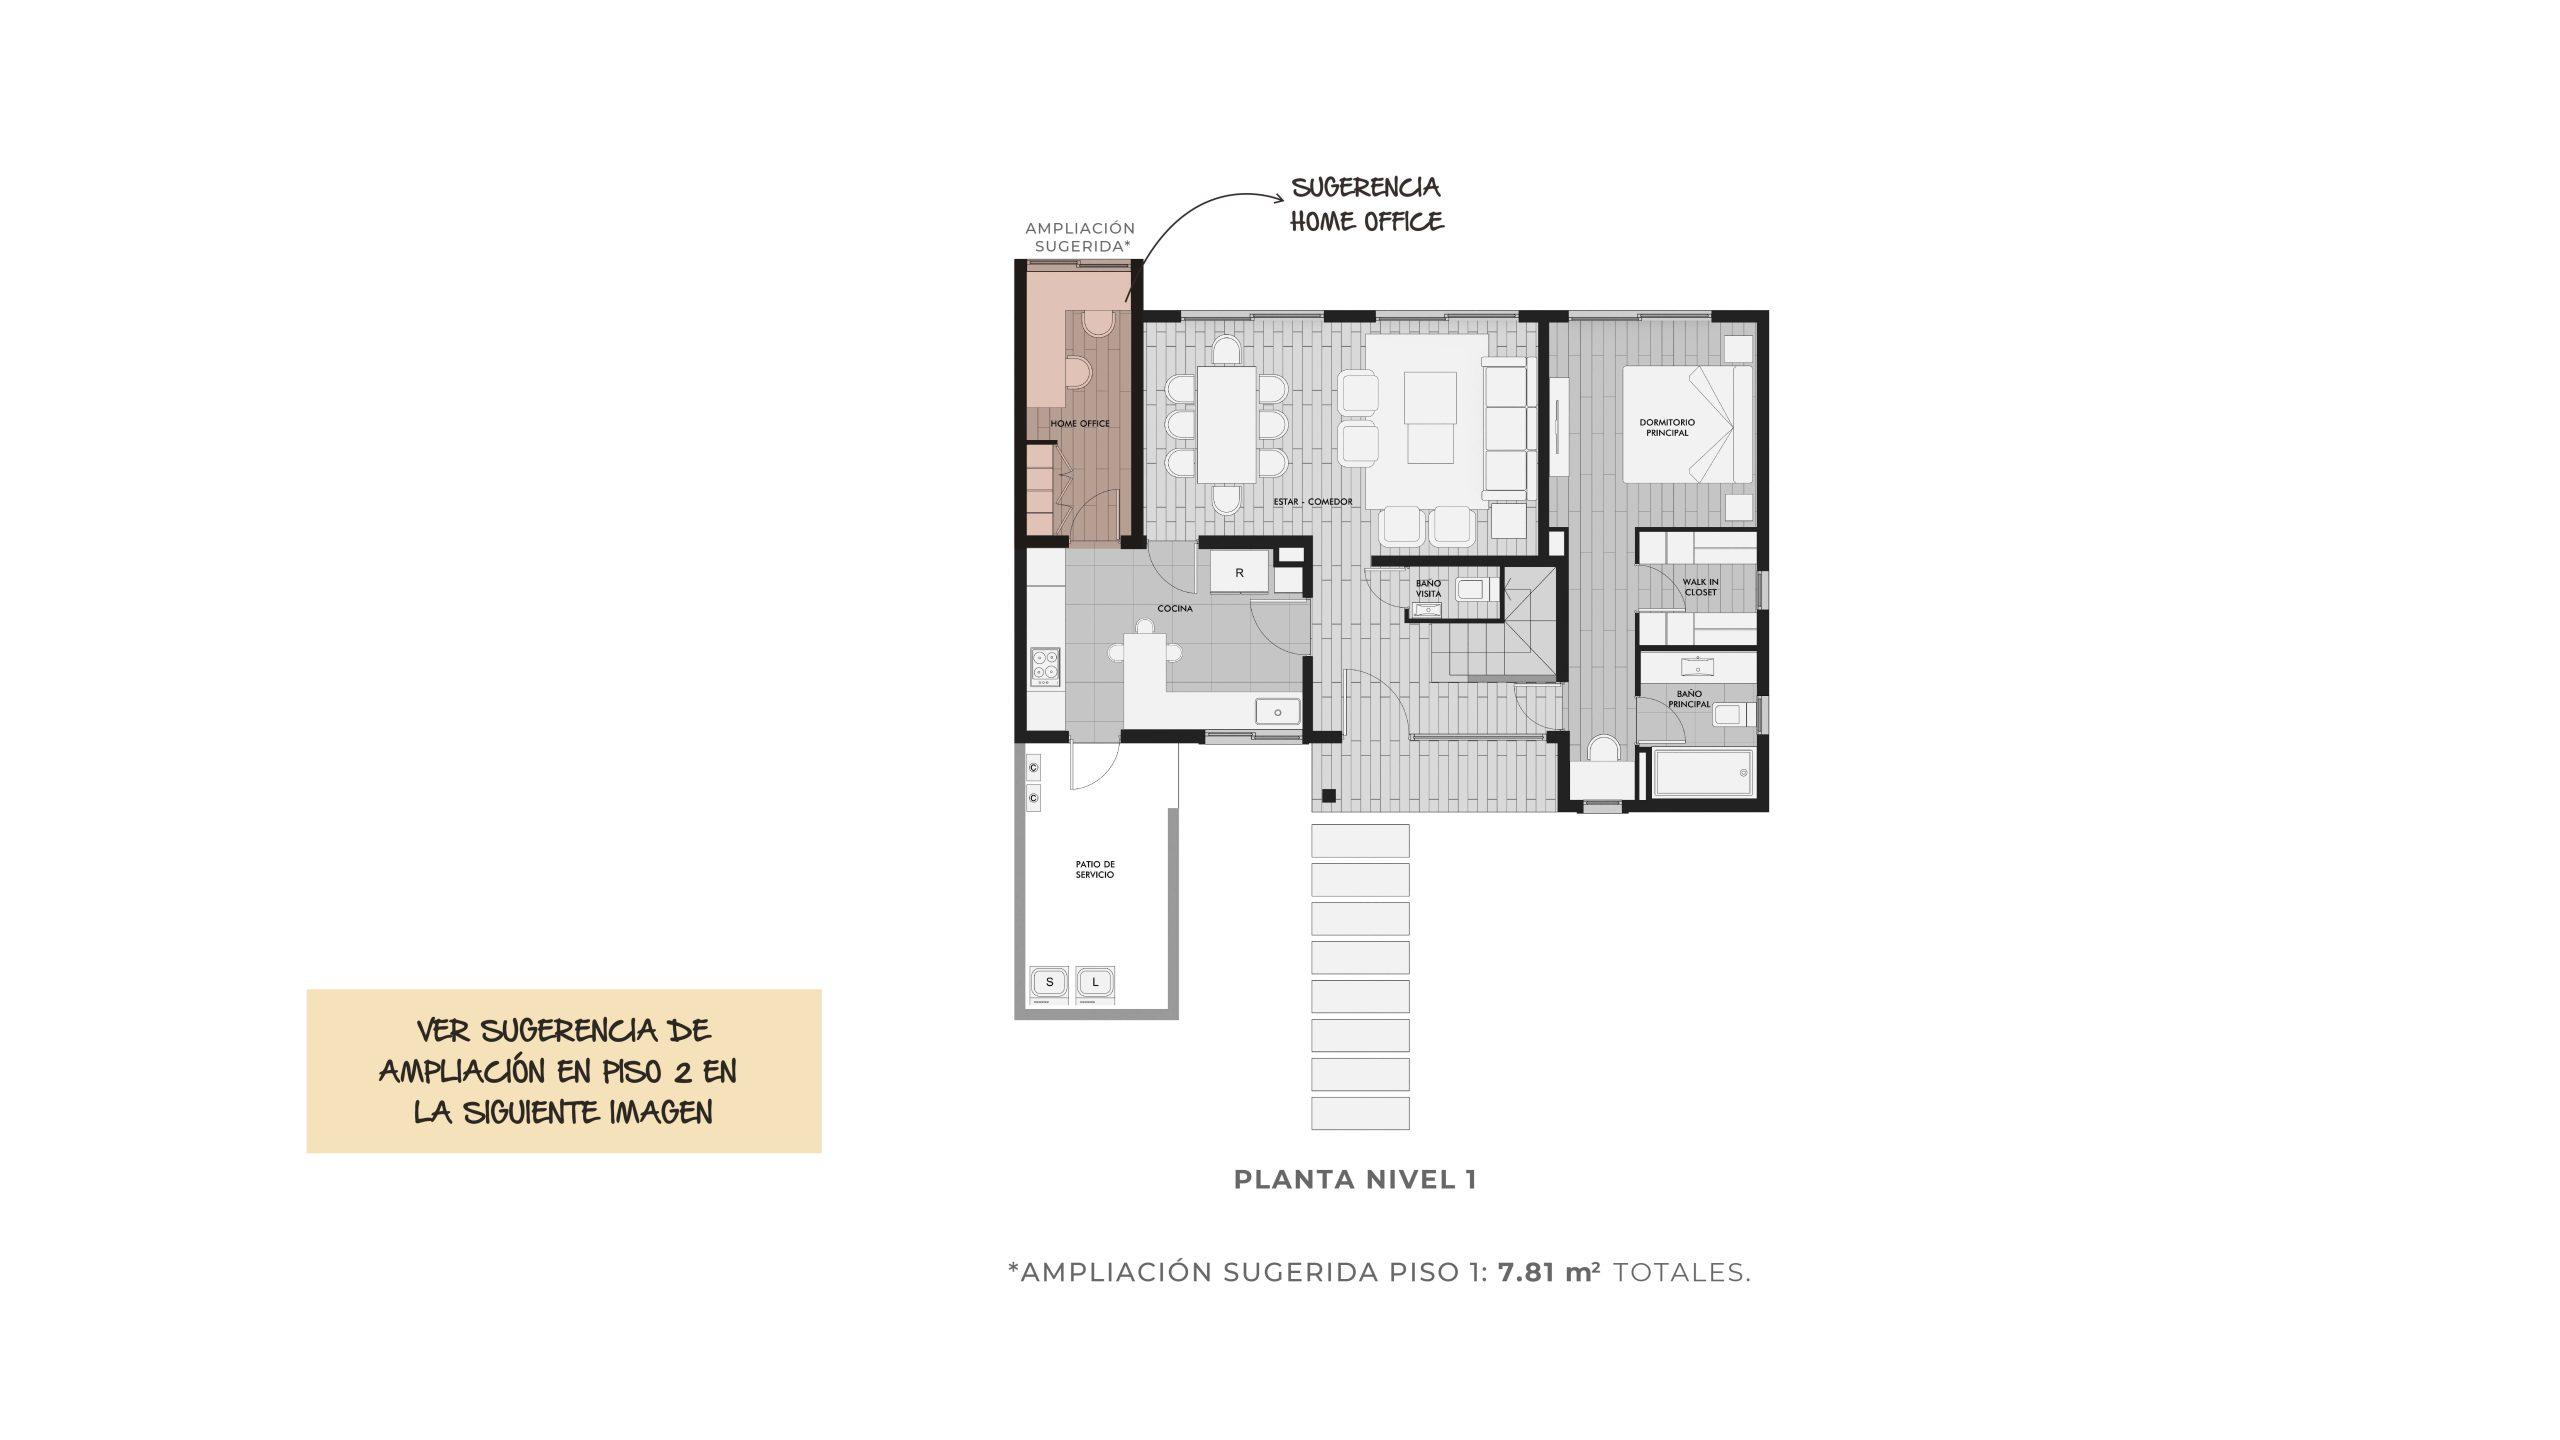 Las Calandrias Condominio Los Nidales - Casa Ranco